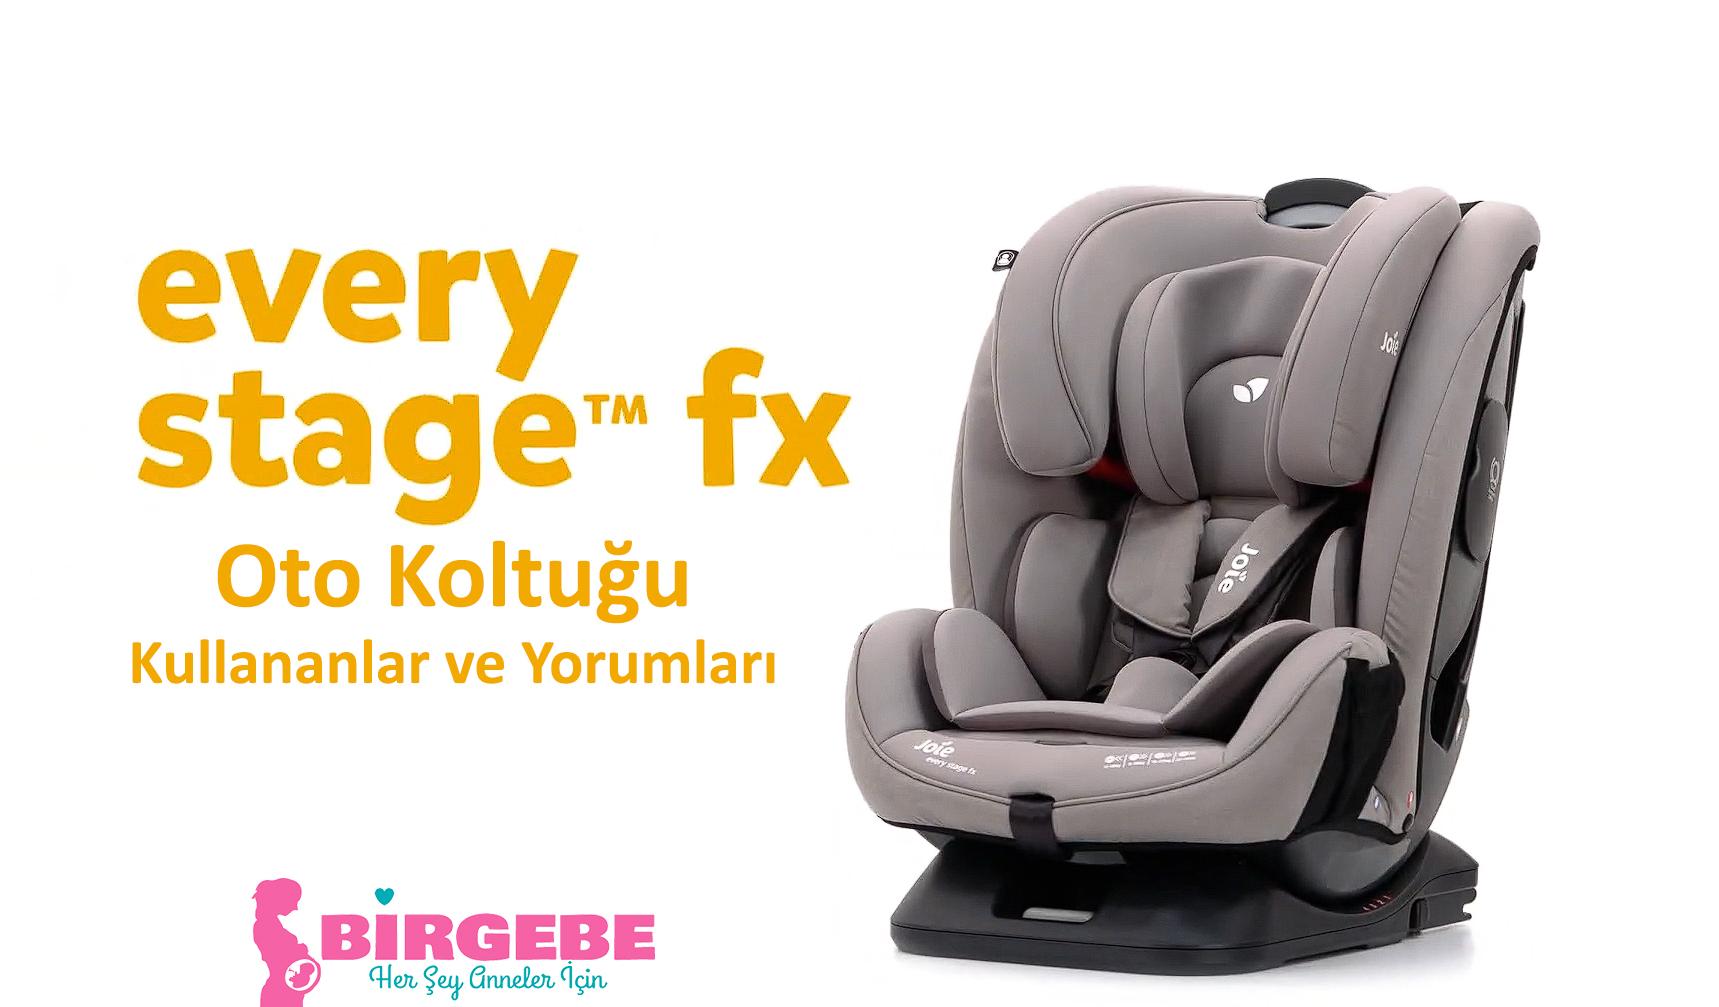 Every stage fx 0-36 kg isofix oto koltuğu yorumlar